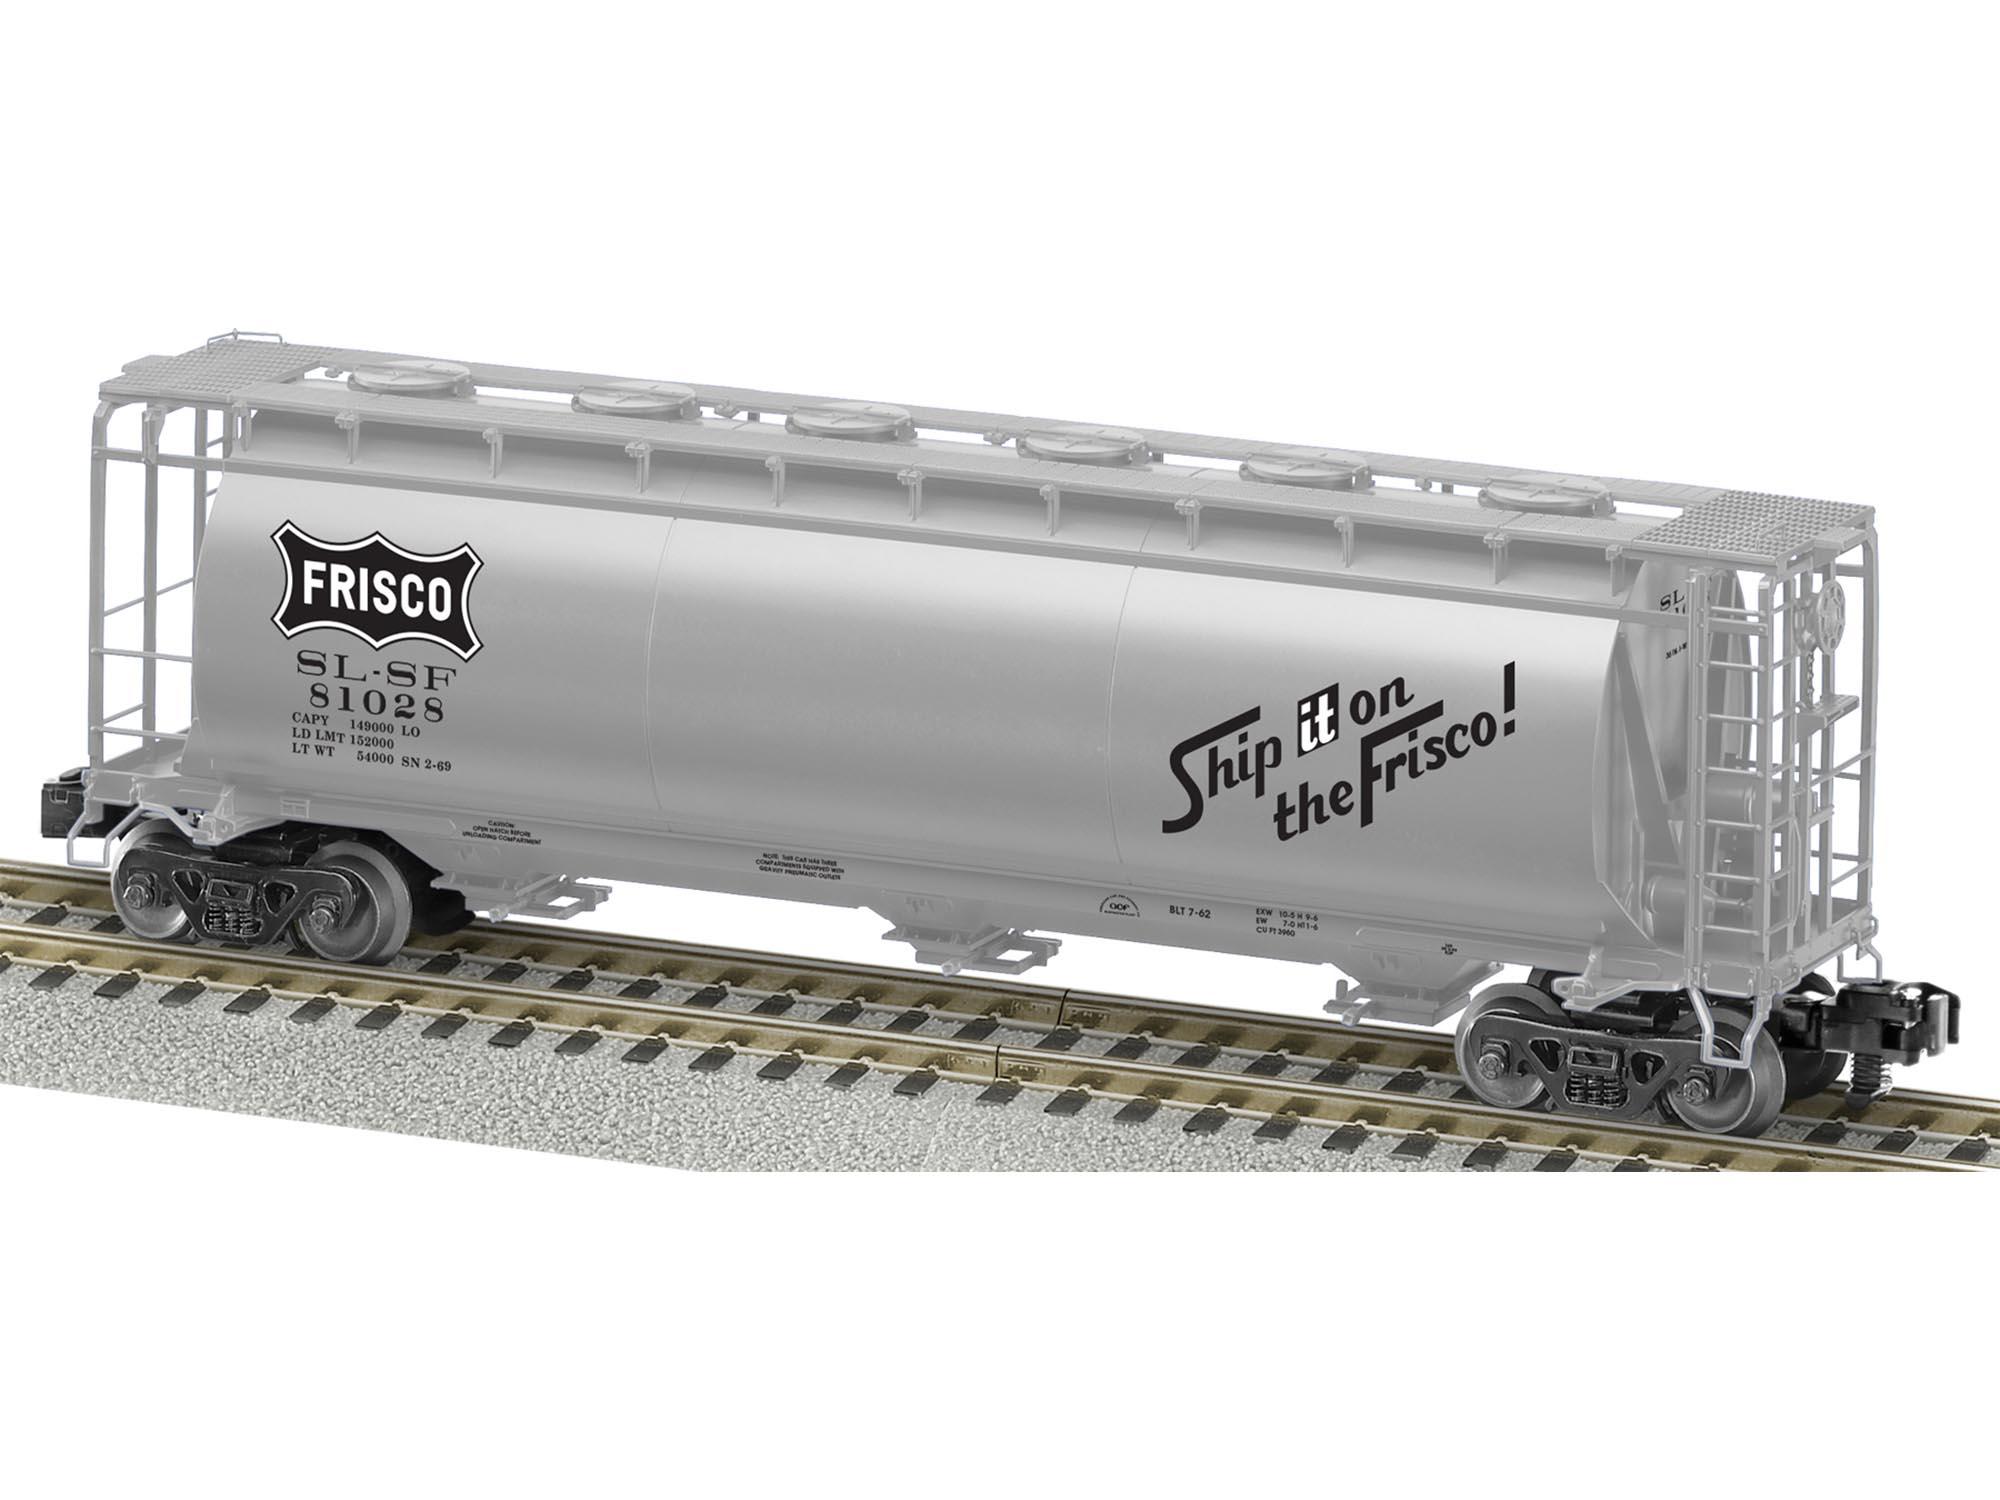 S AF Cylindrical Hopper, Frisco